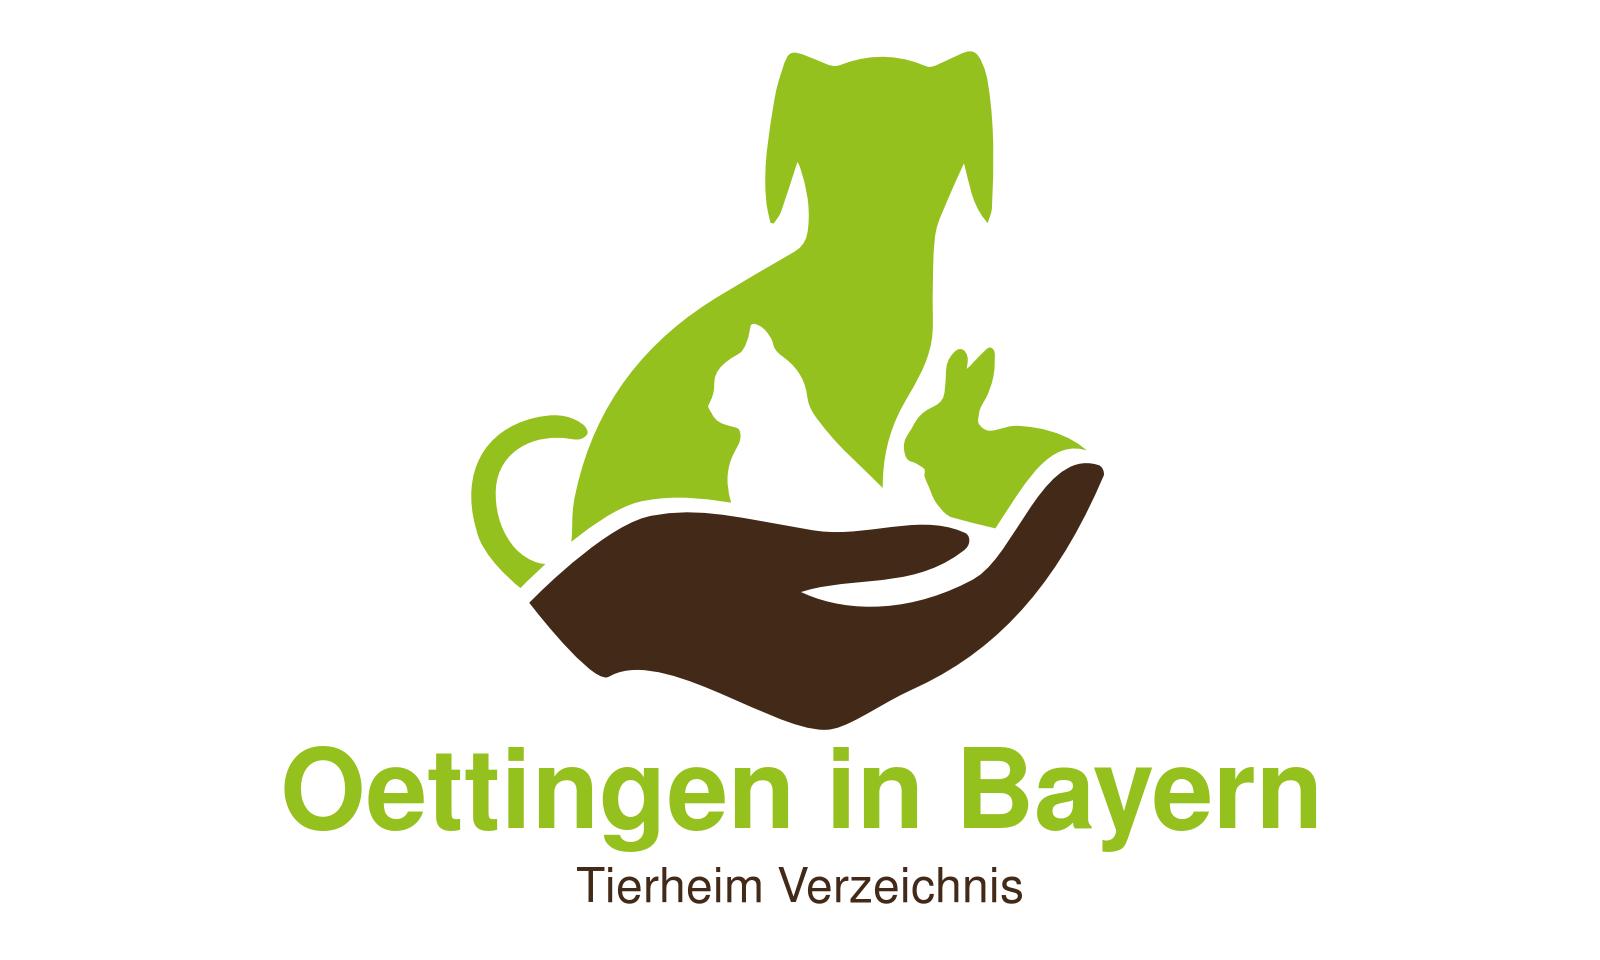 Tierheim Oettingen in Bayern